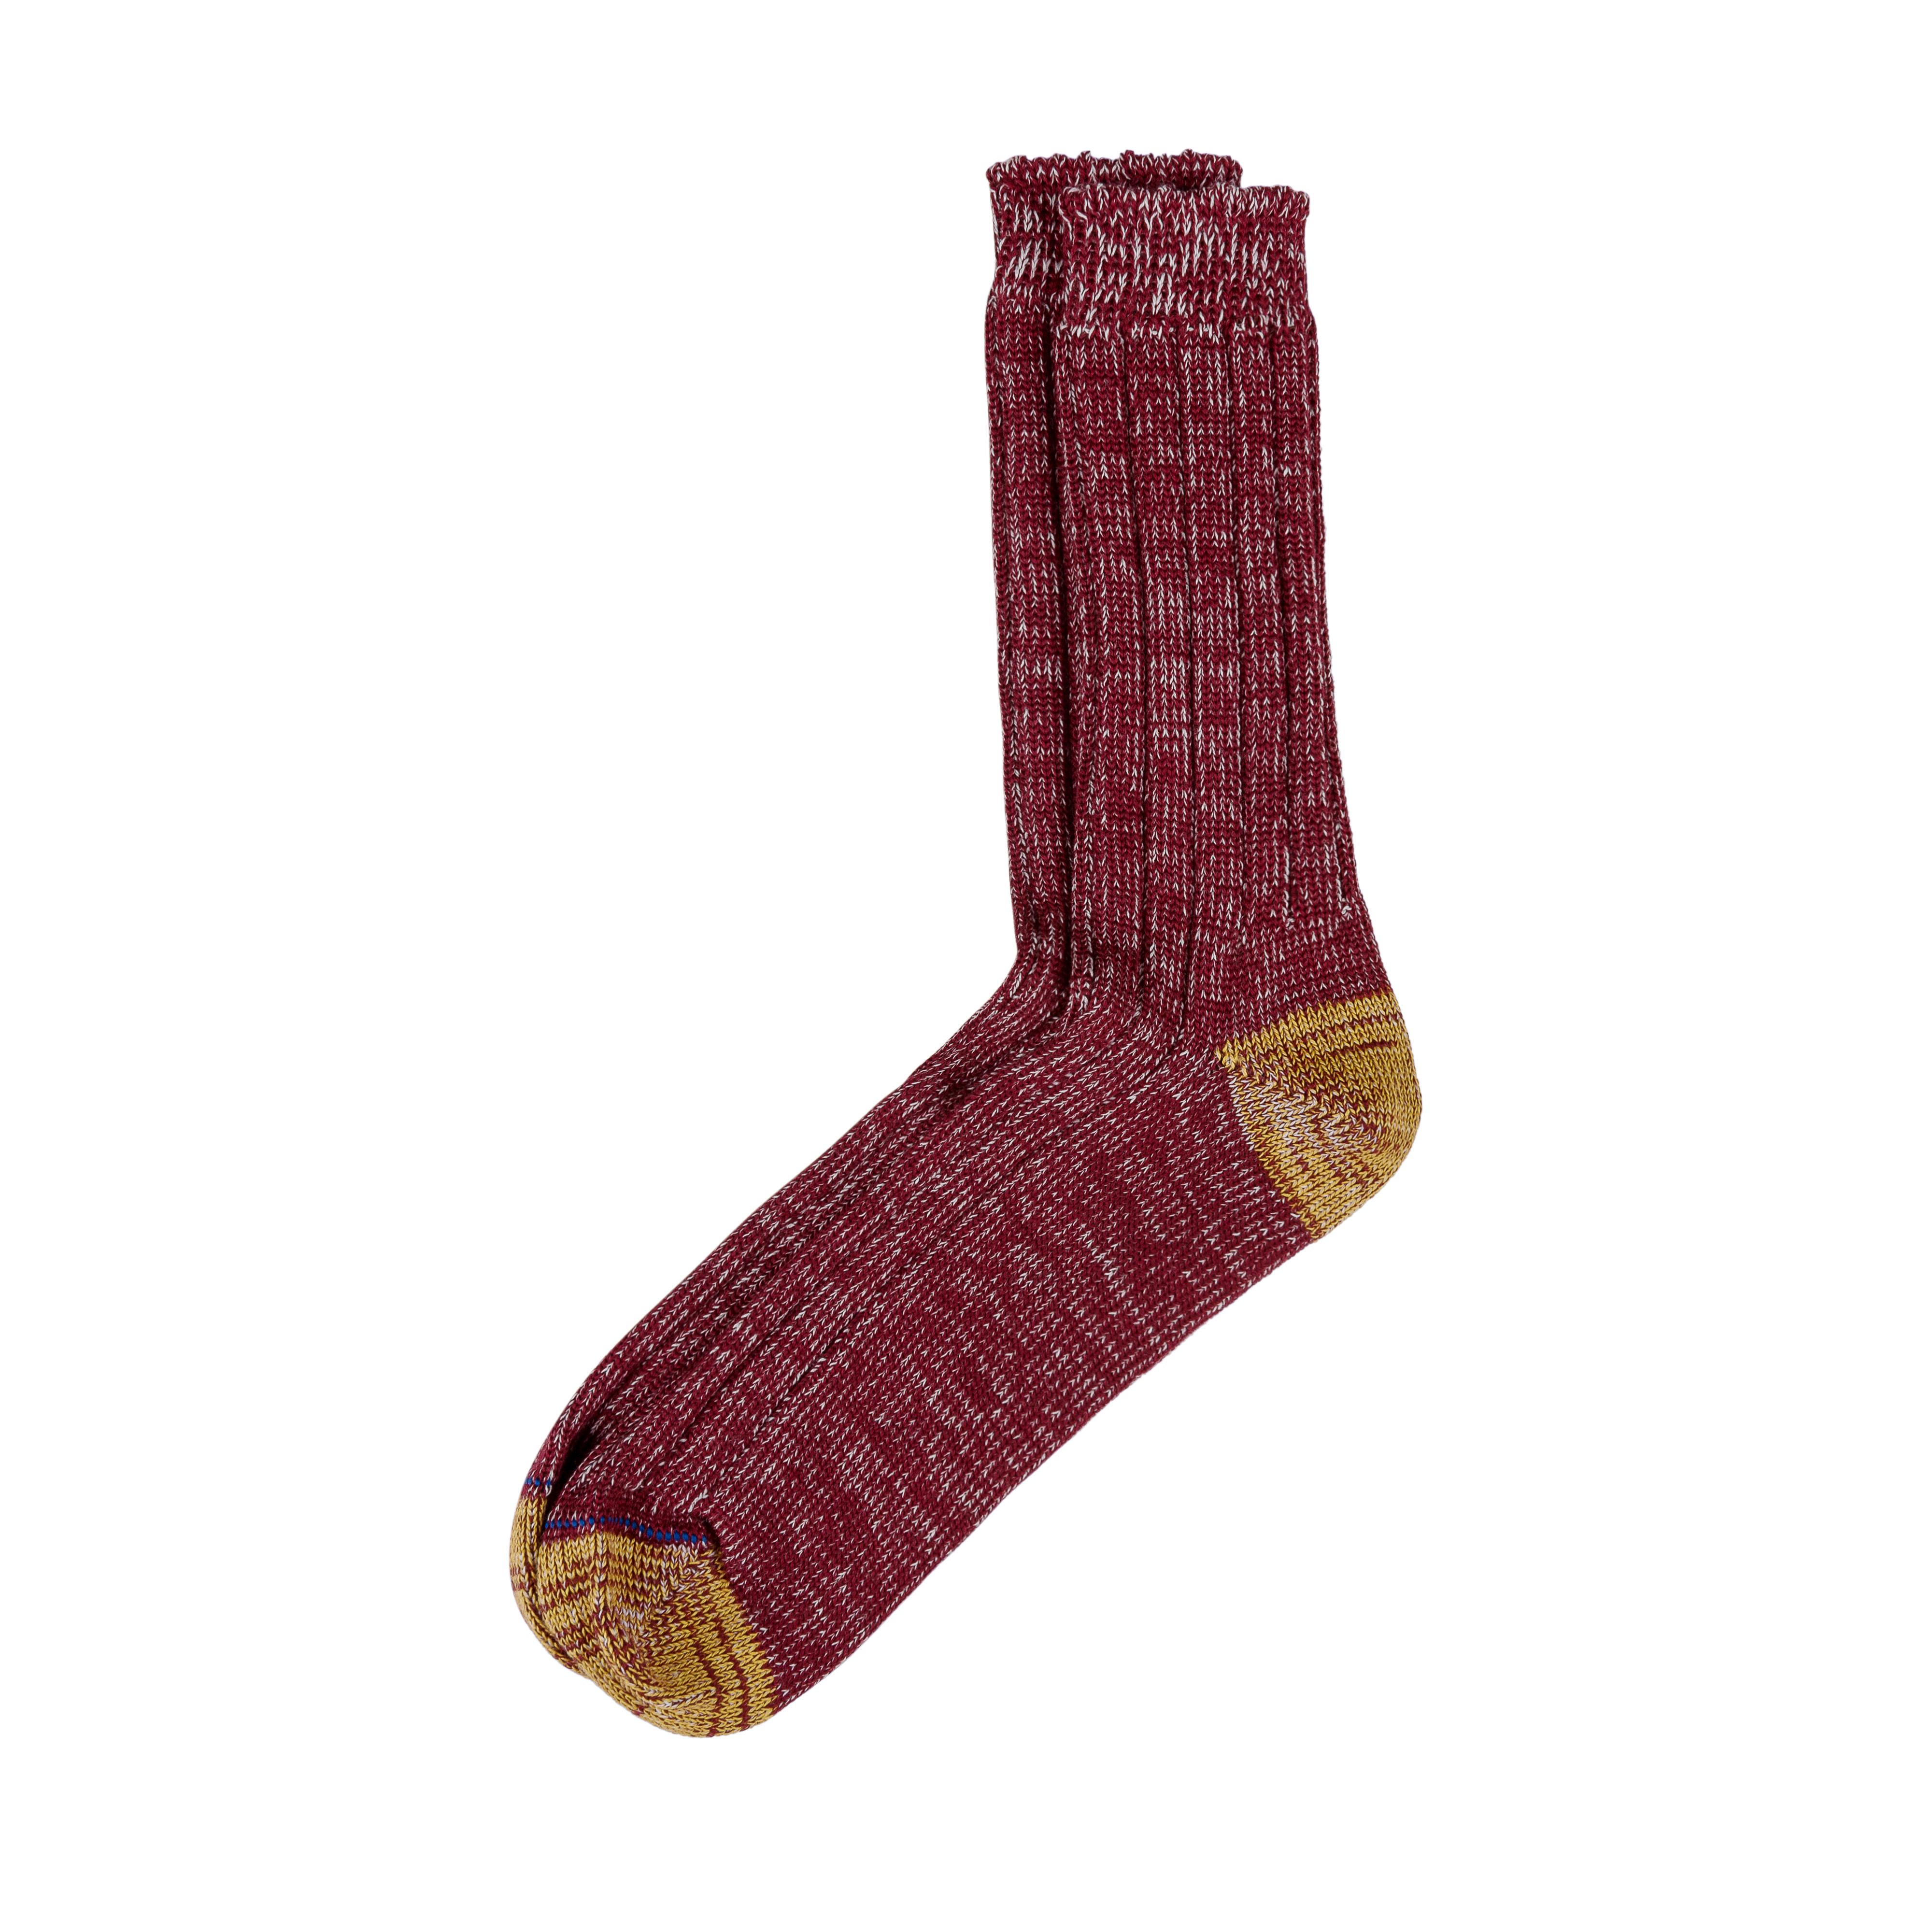 Merino Wool Socks W72 Dark Red/Nature